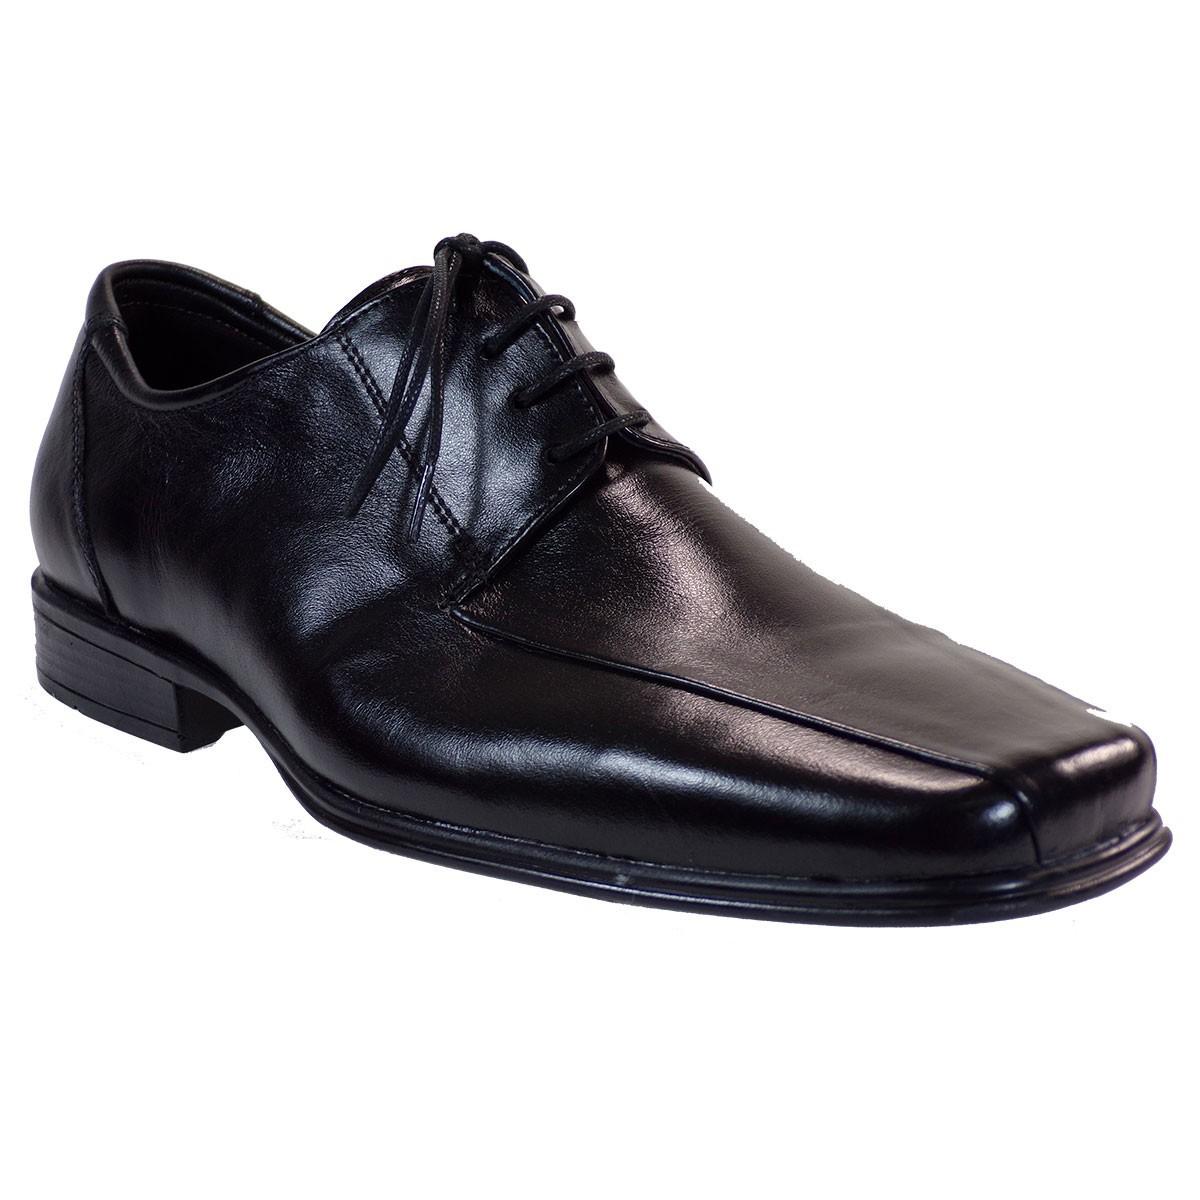 Vero Shoes Παπούτσια Αντρικά 62 Μαύρο Δέρμα